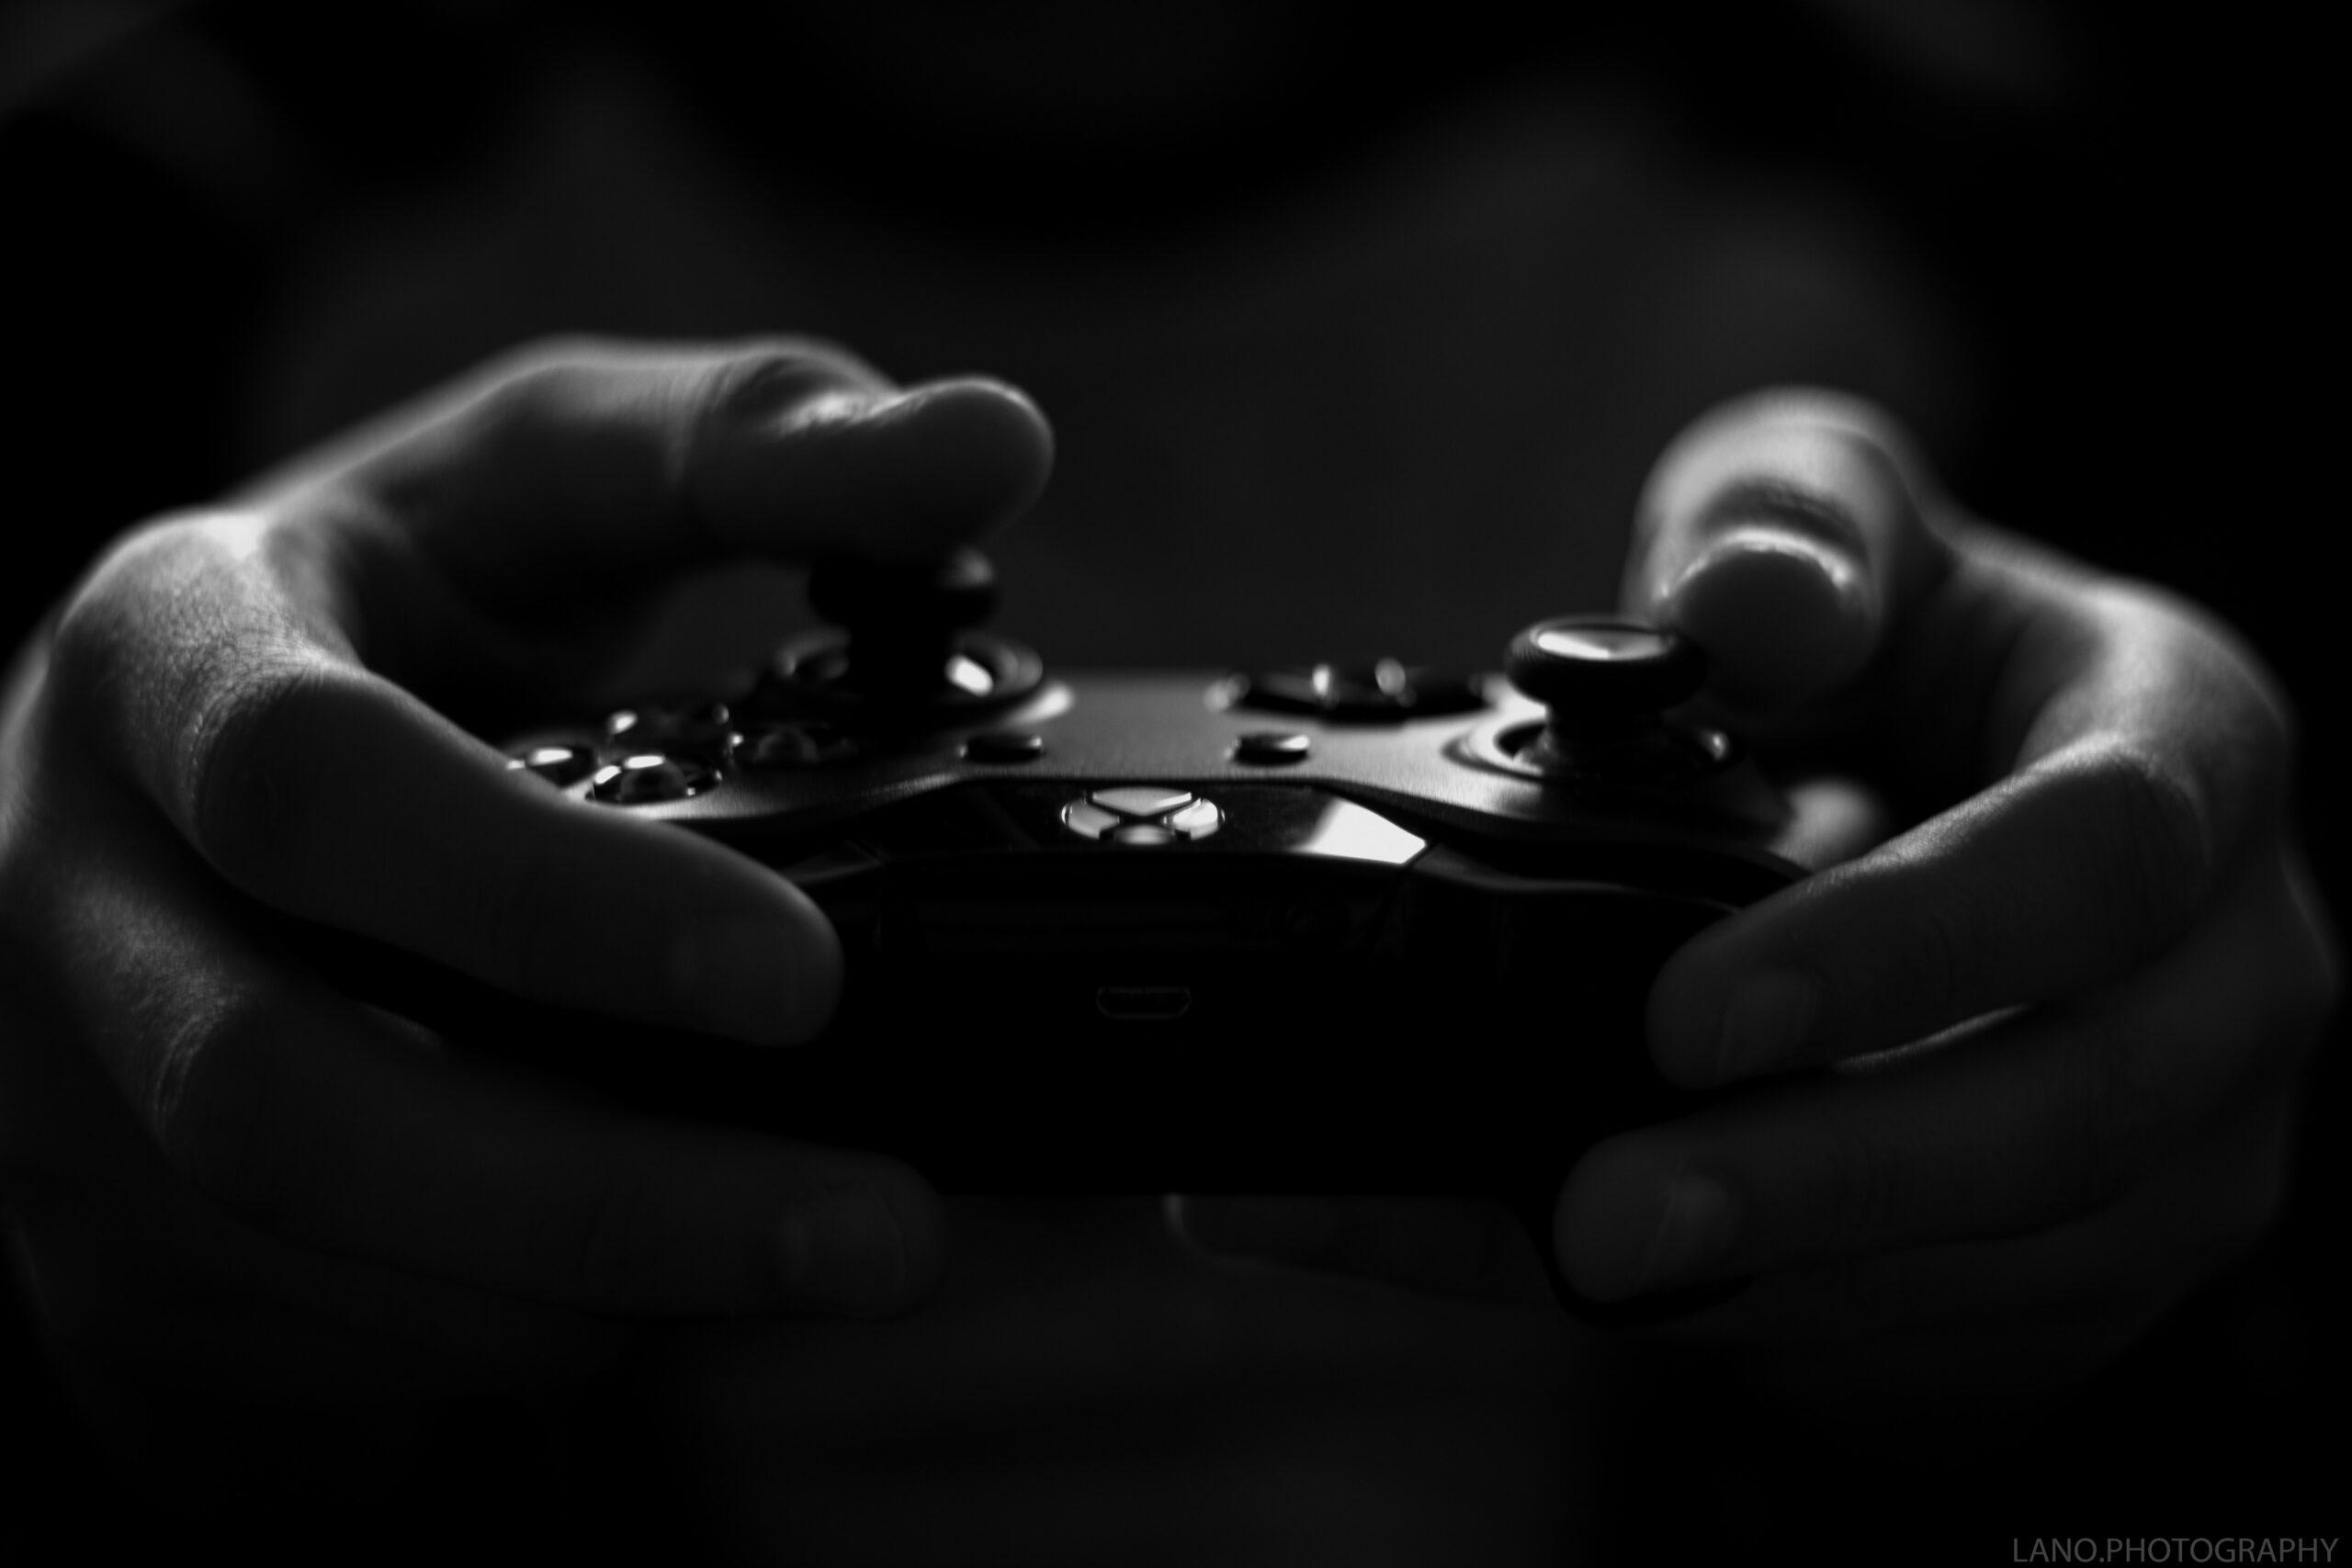 Viele Gamer träumen von einer Profi-Karriere